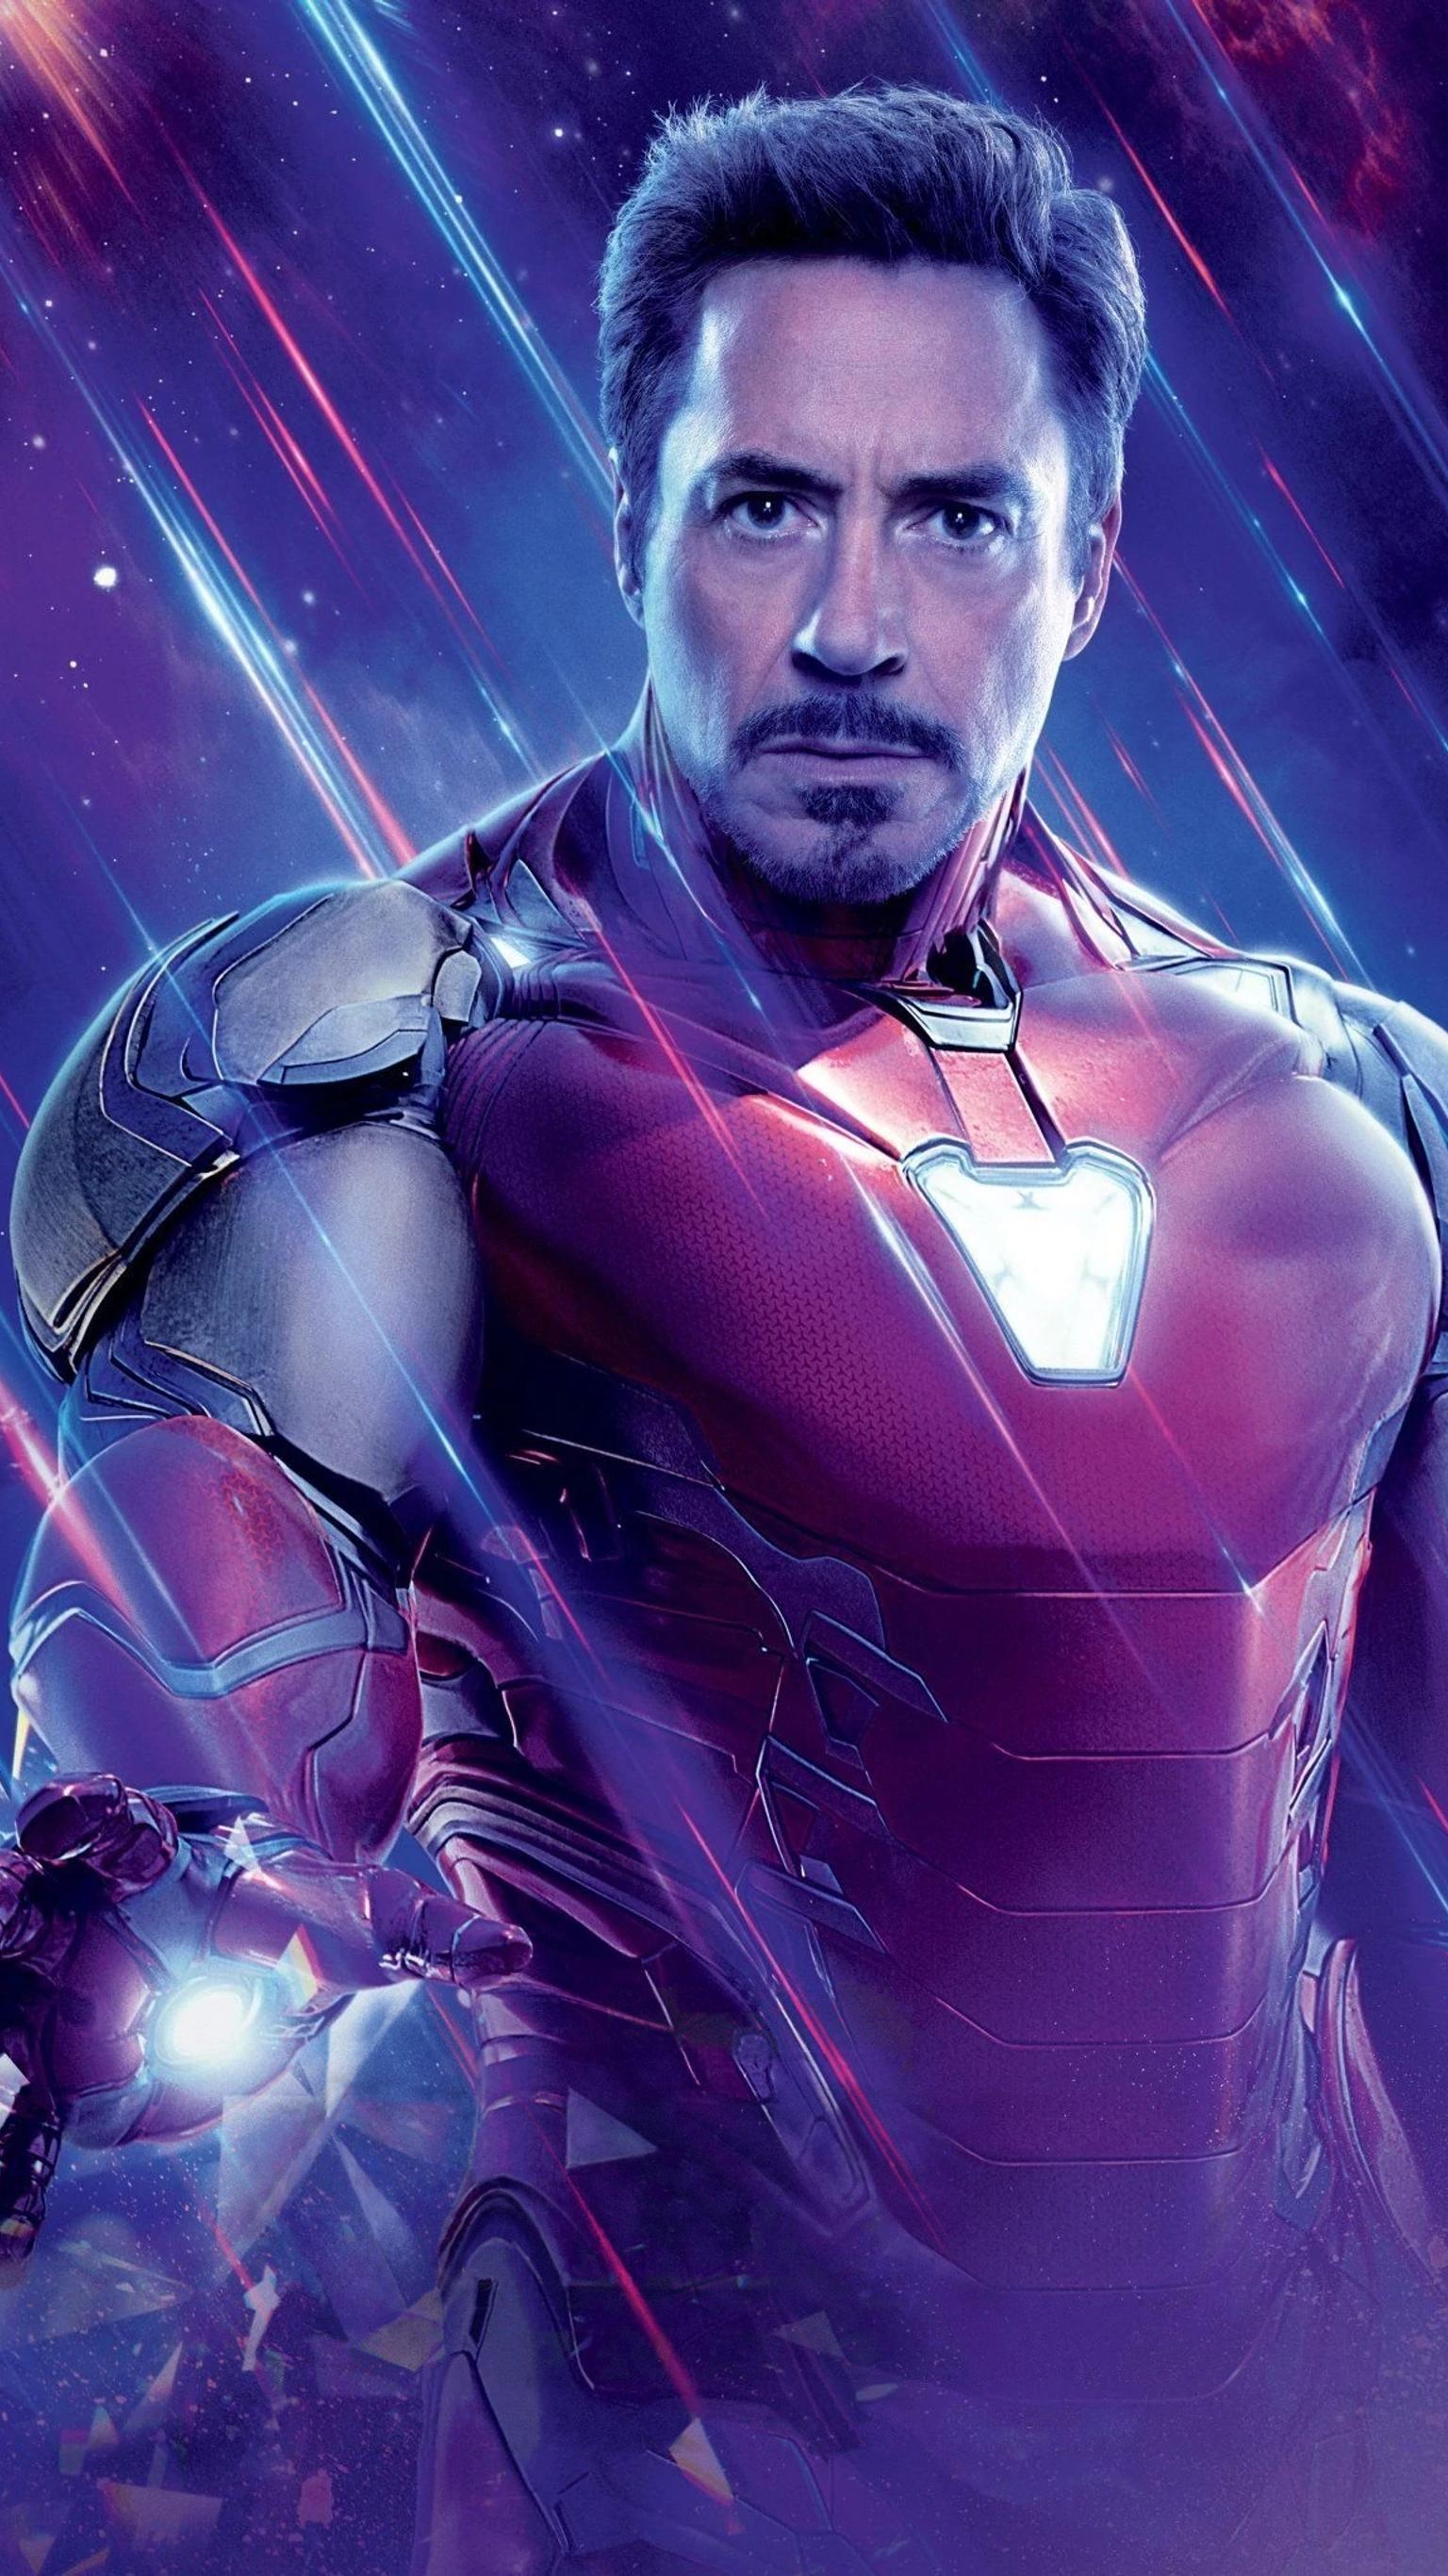 Avengers Endgame 2019 Phone Wallpaper New Avengers Avengers Marvel Studios